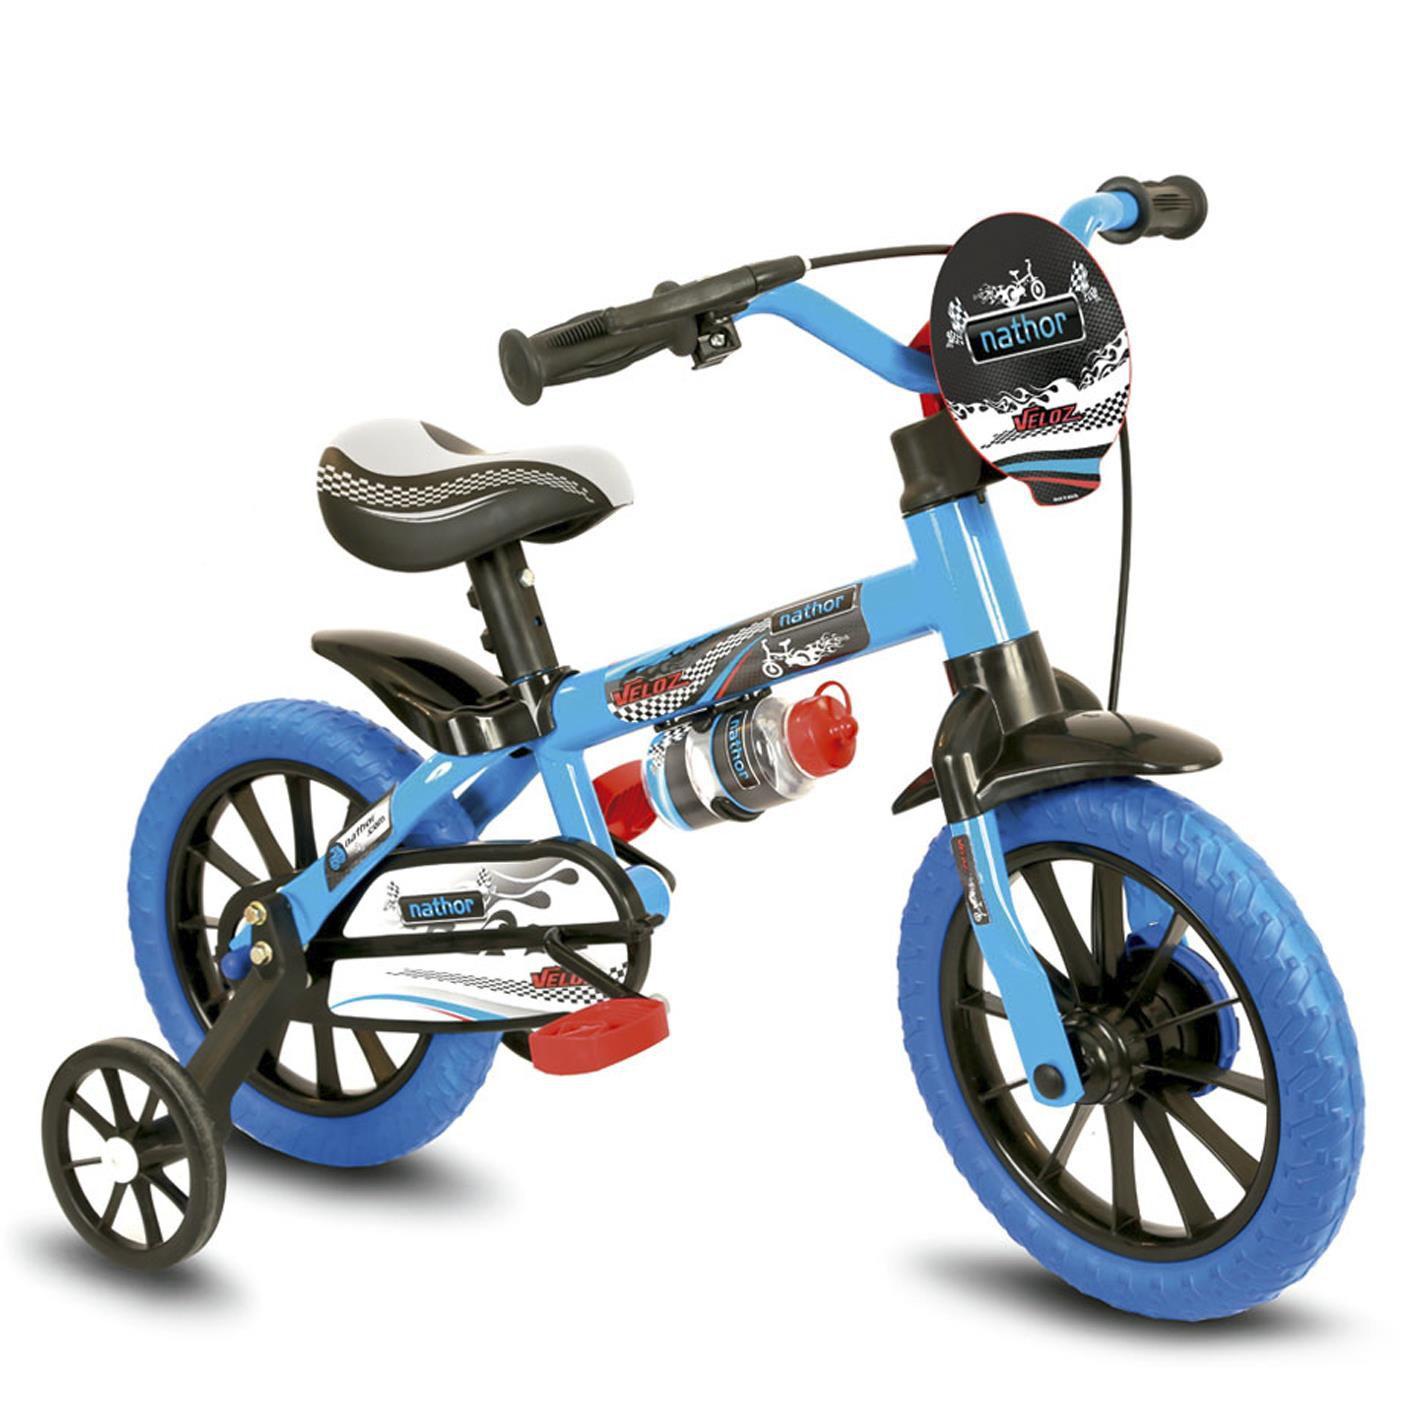 Bicicleta Infantil Nathor Aro 12 Preta E Azul Menino